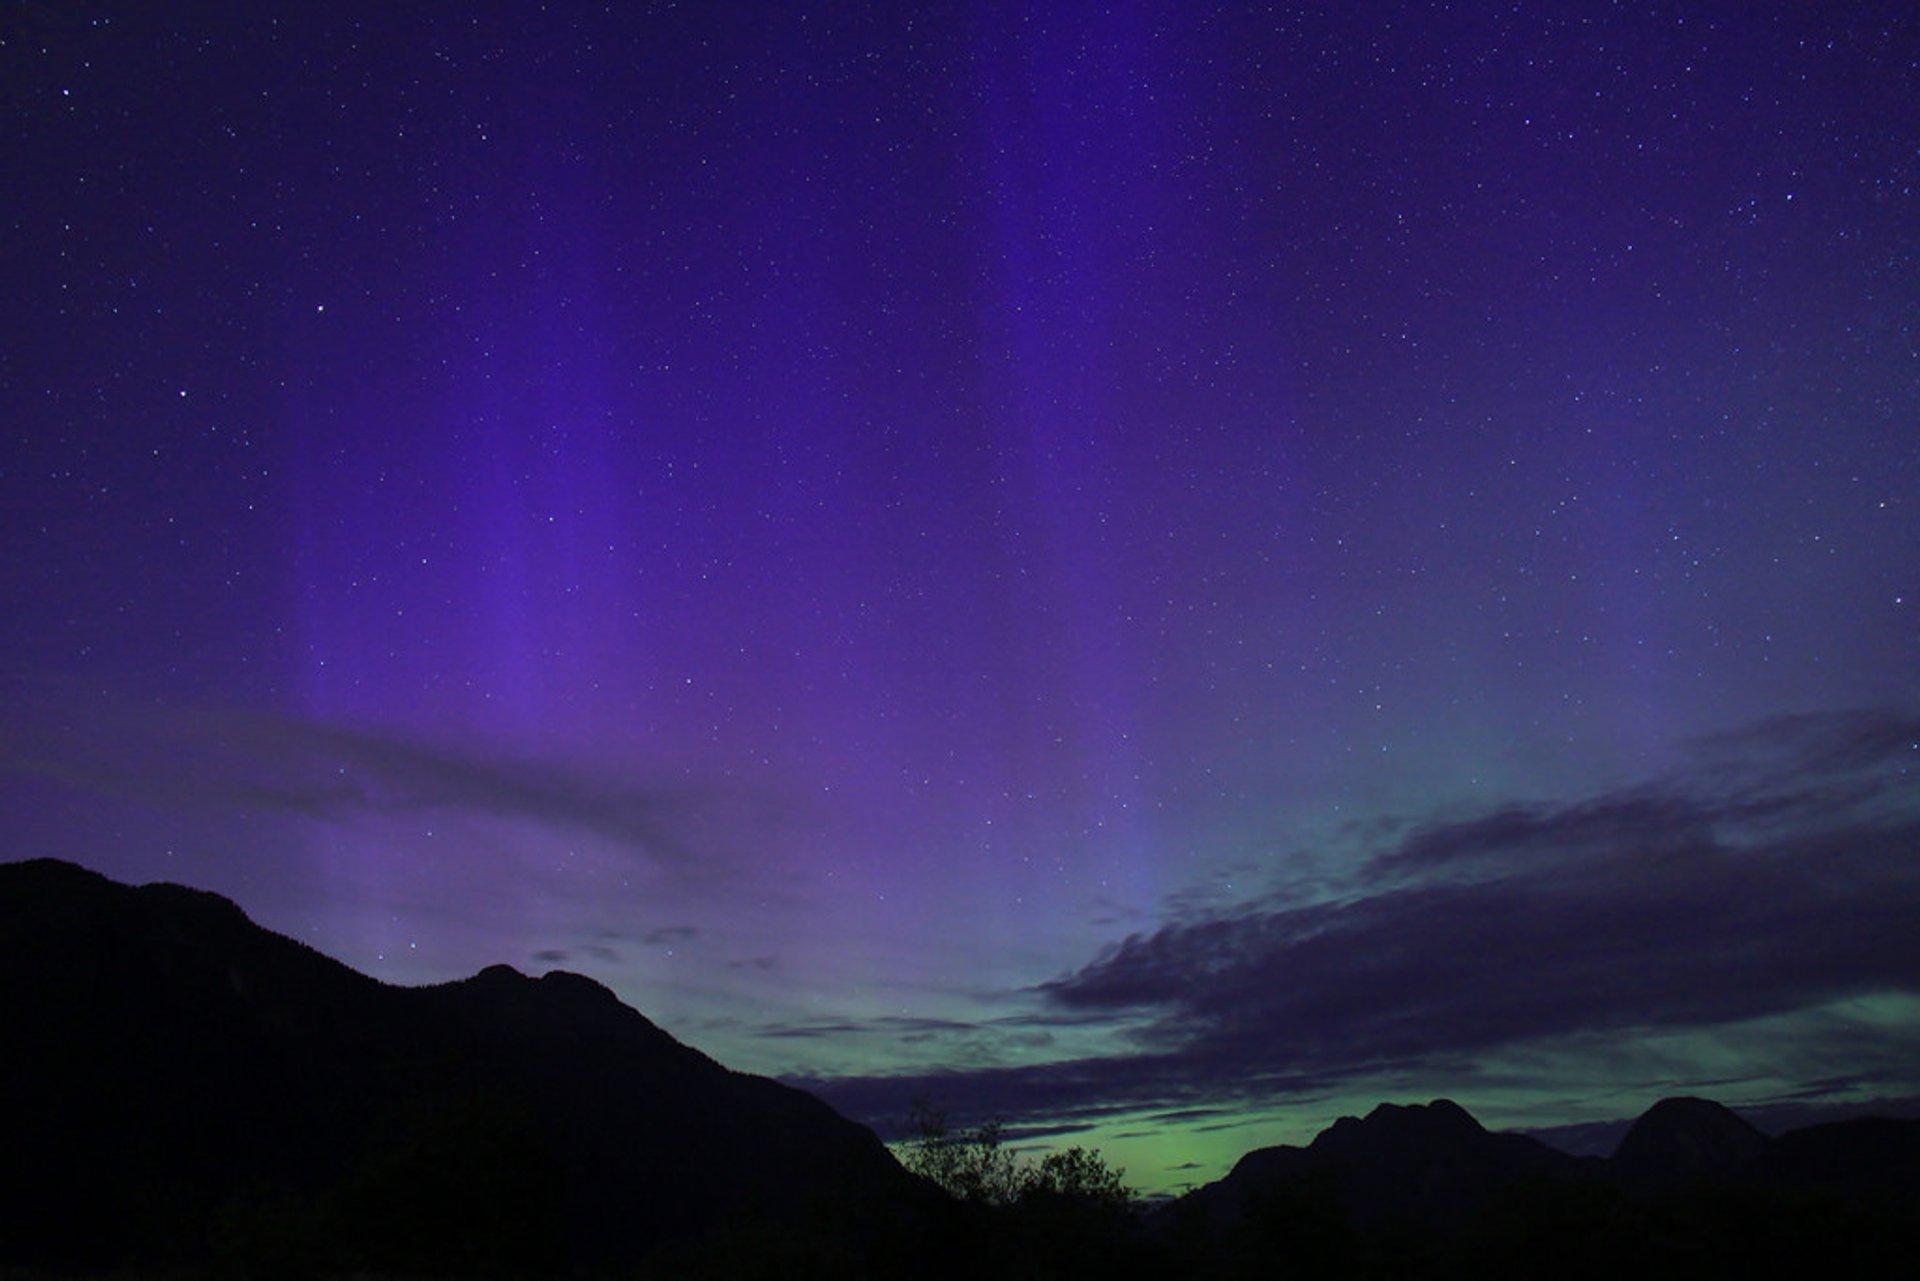 Northern Lights at Pitt Lake, near Vancouver BC 2020